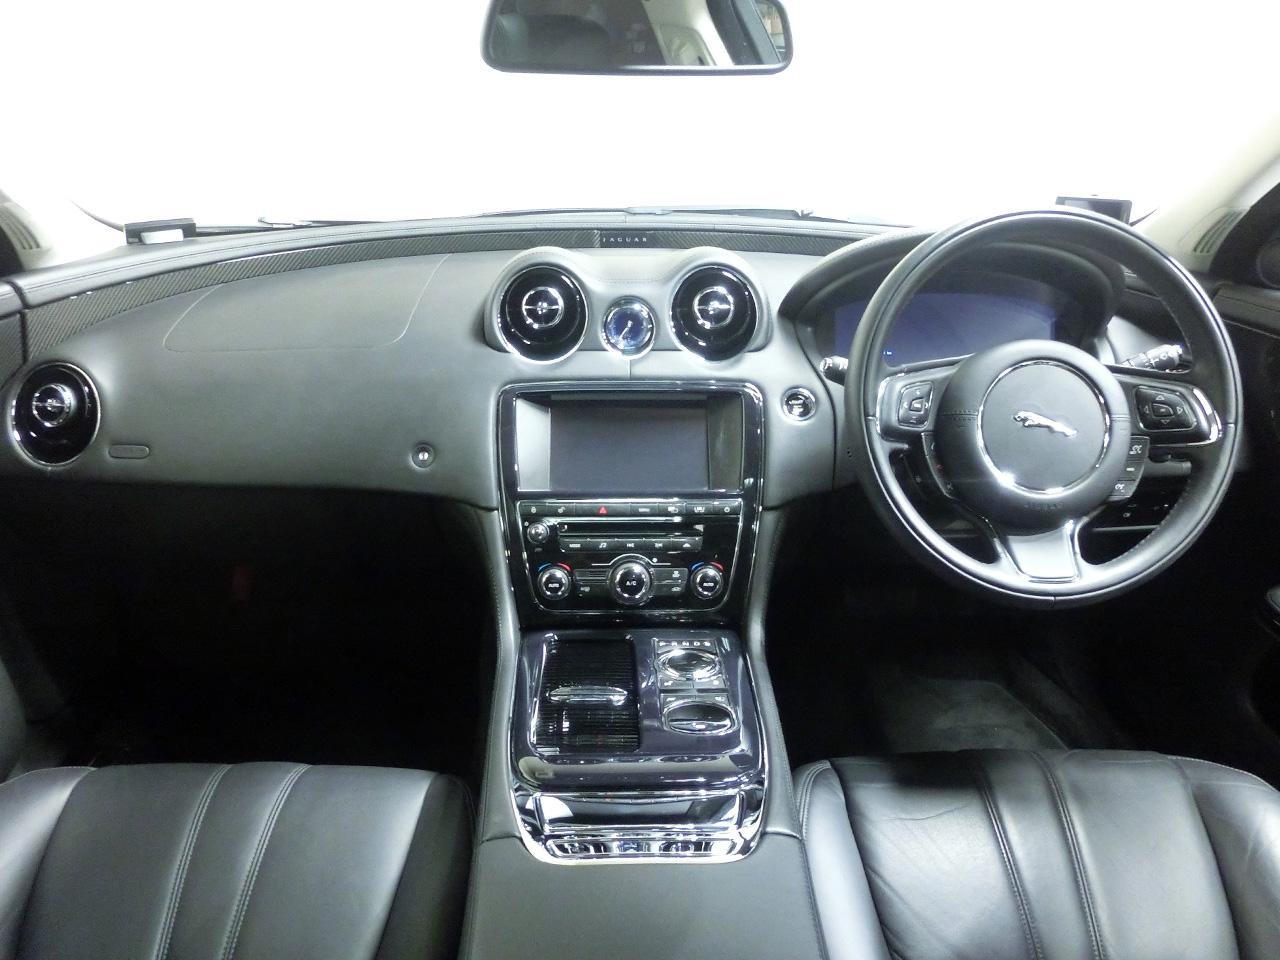 ジャガーXJプレミアムラグジュアリーアルティメットブラック x351中古車 内装